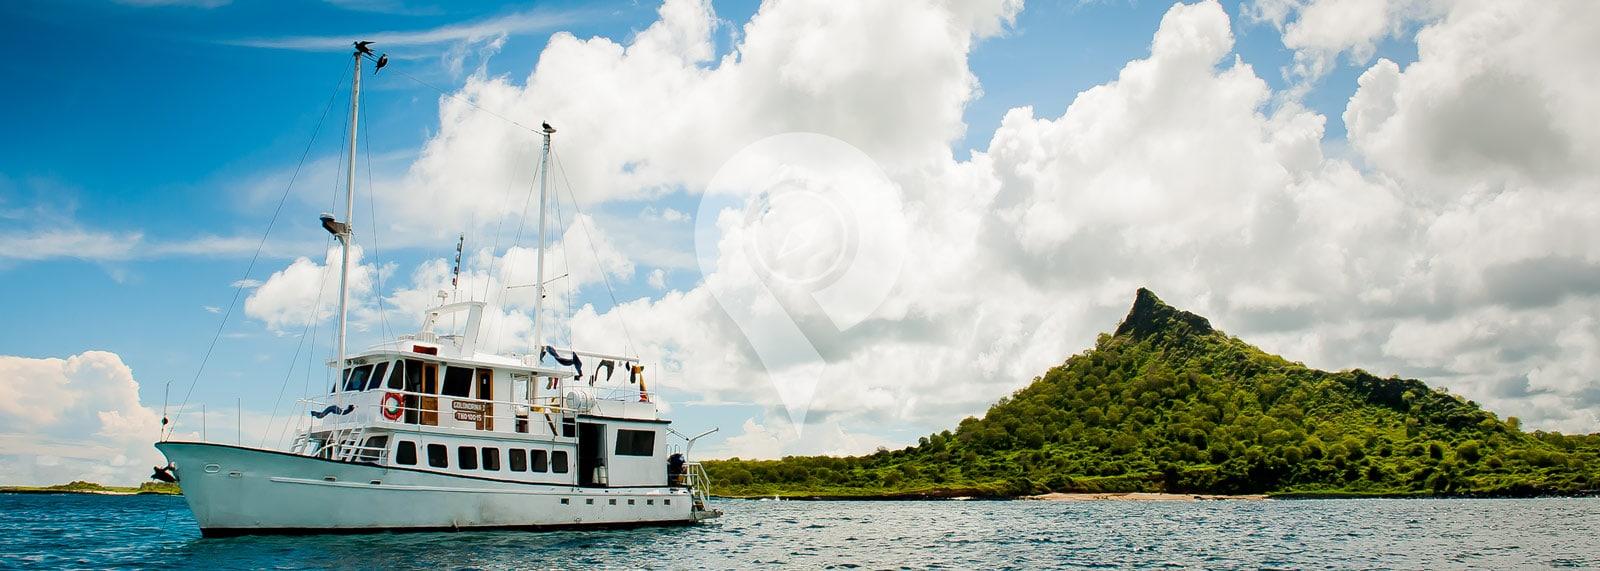 Golondrina Galapagos Yacht